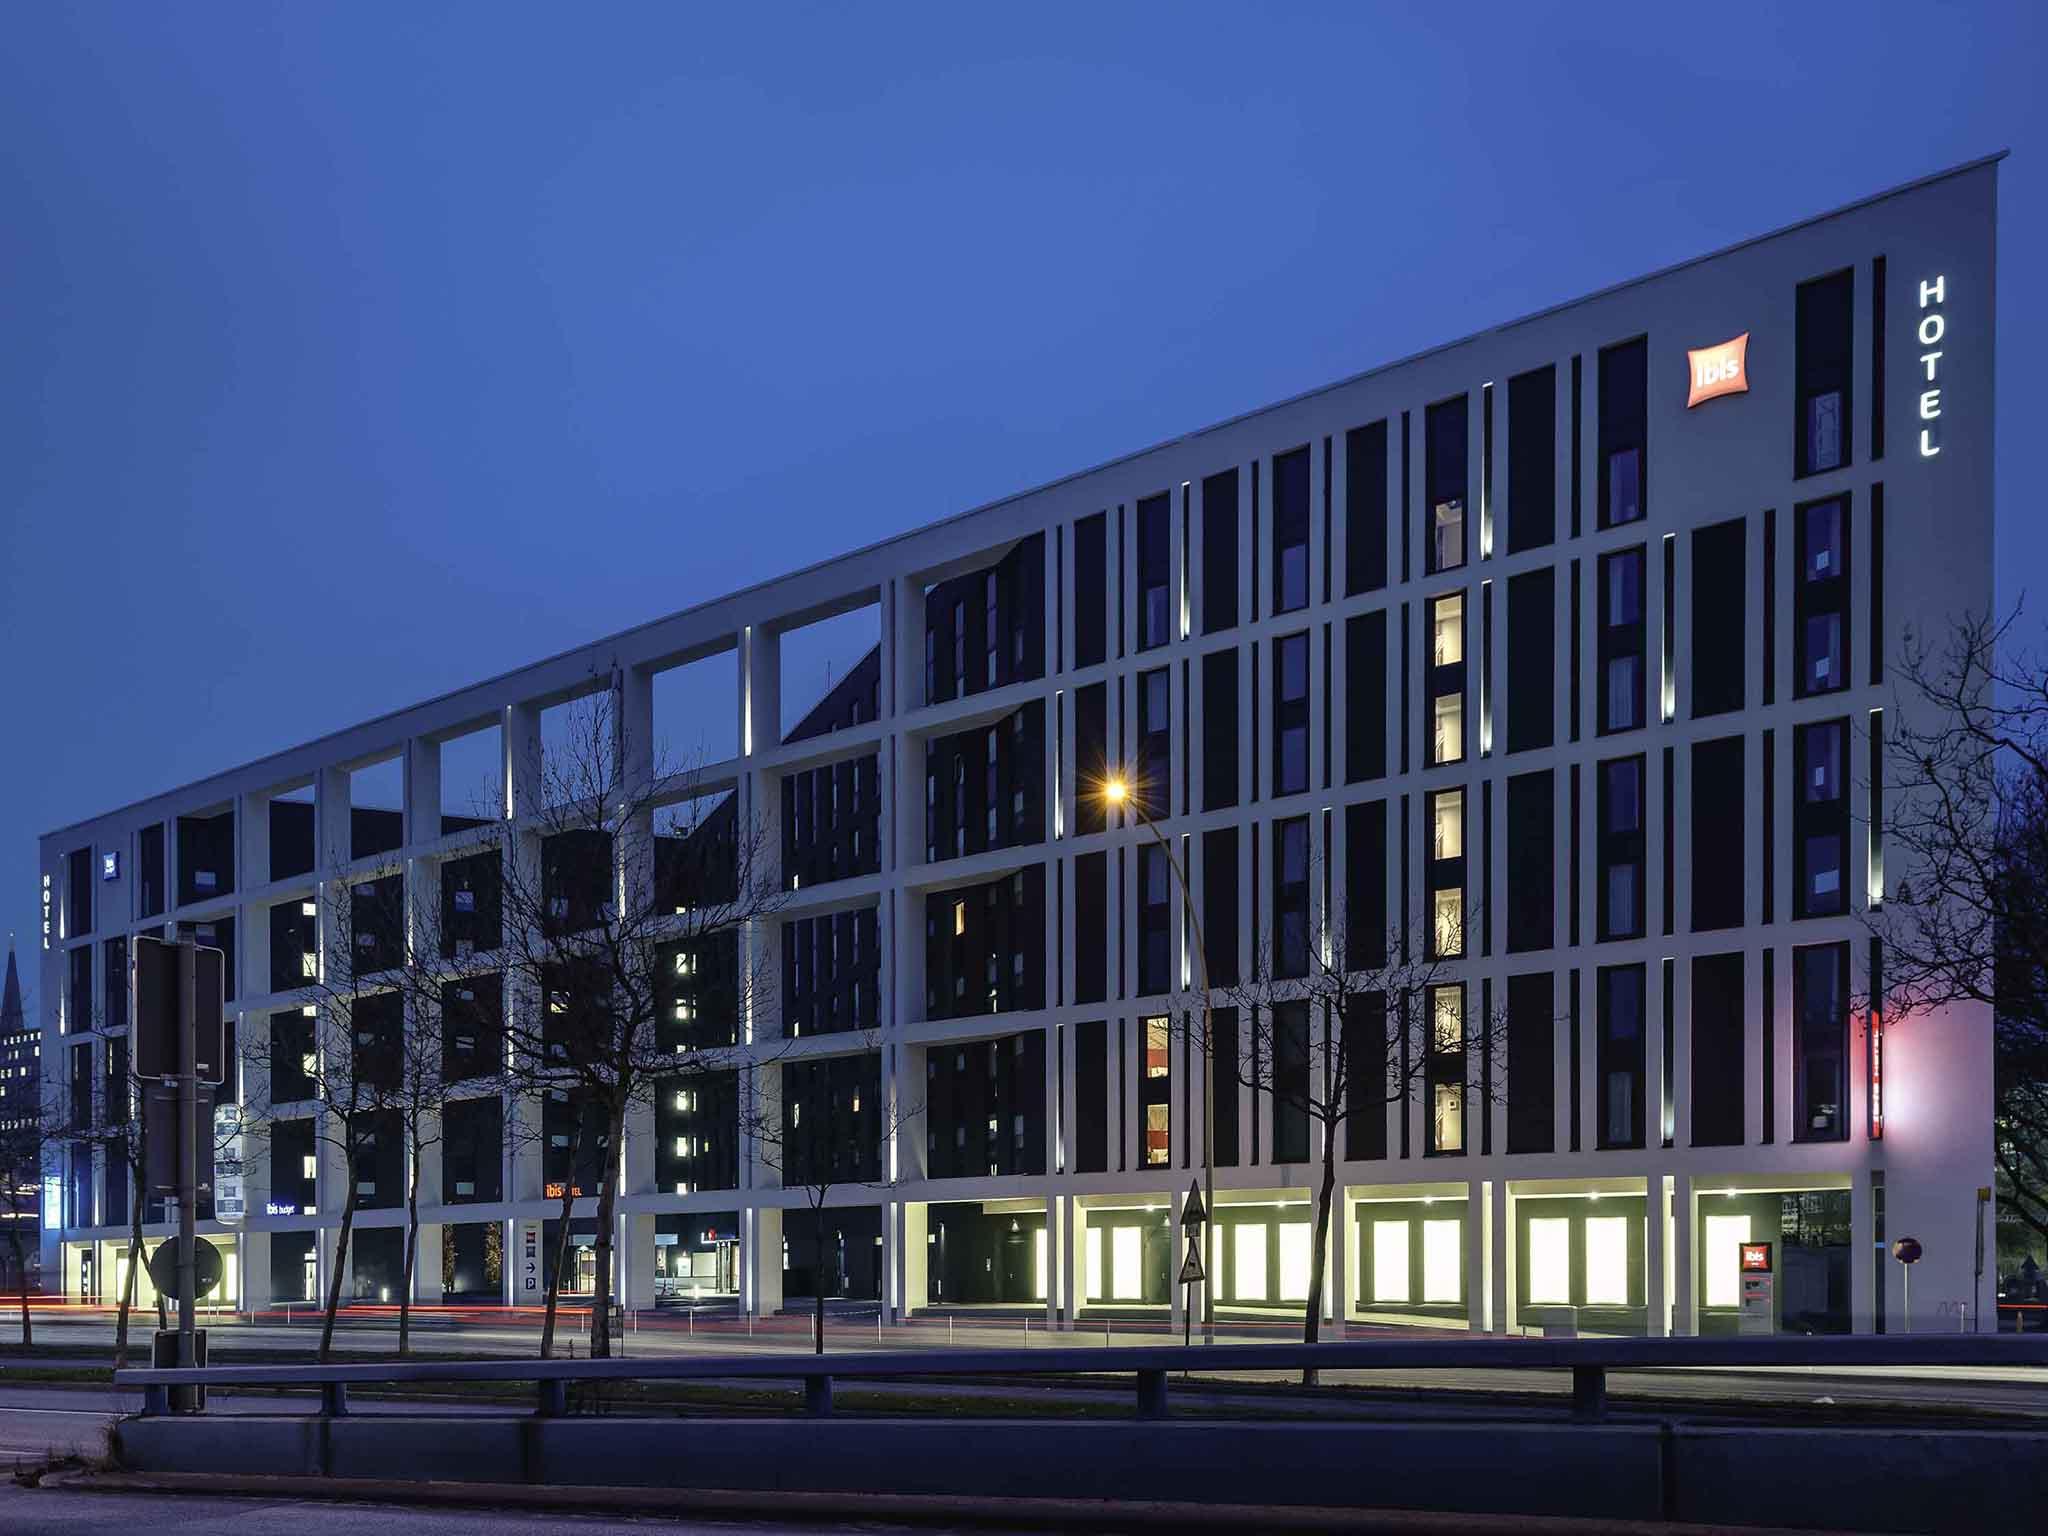 فندق - إيبيس IBIS هامبورج سيتي